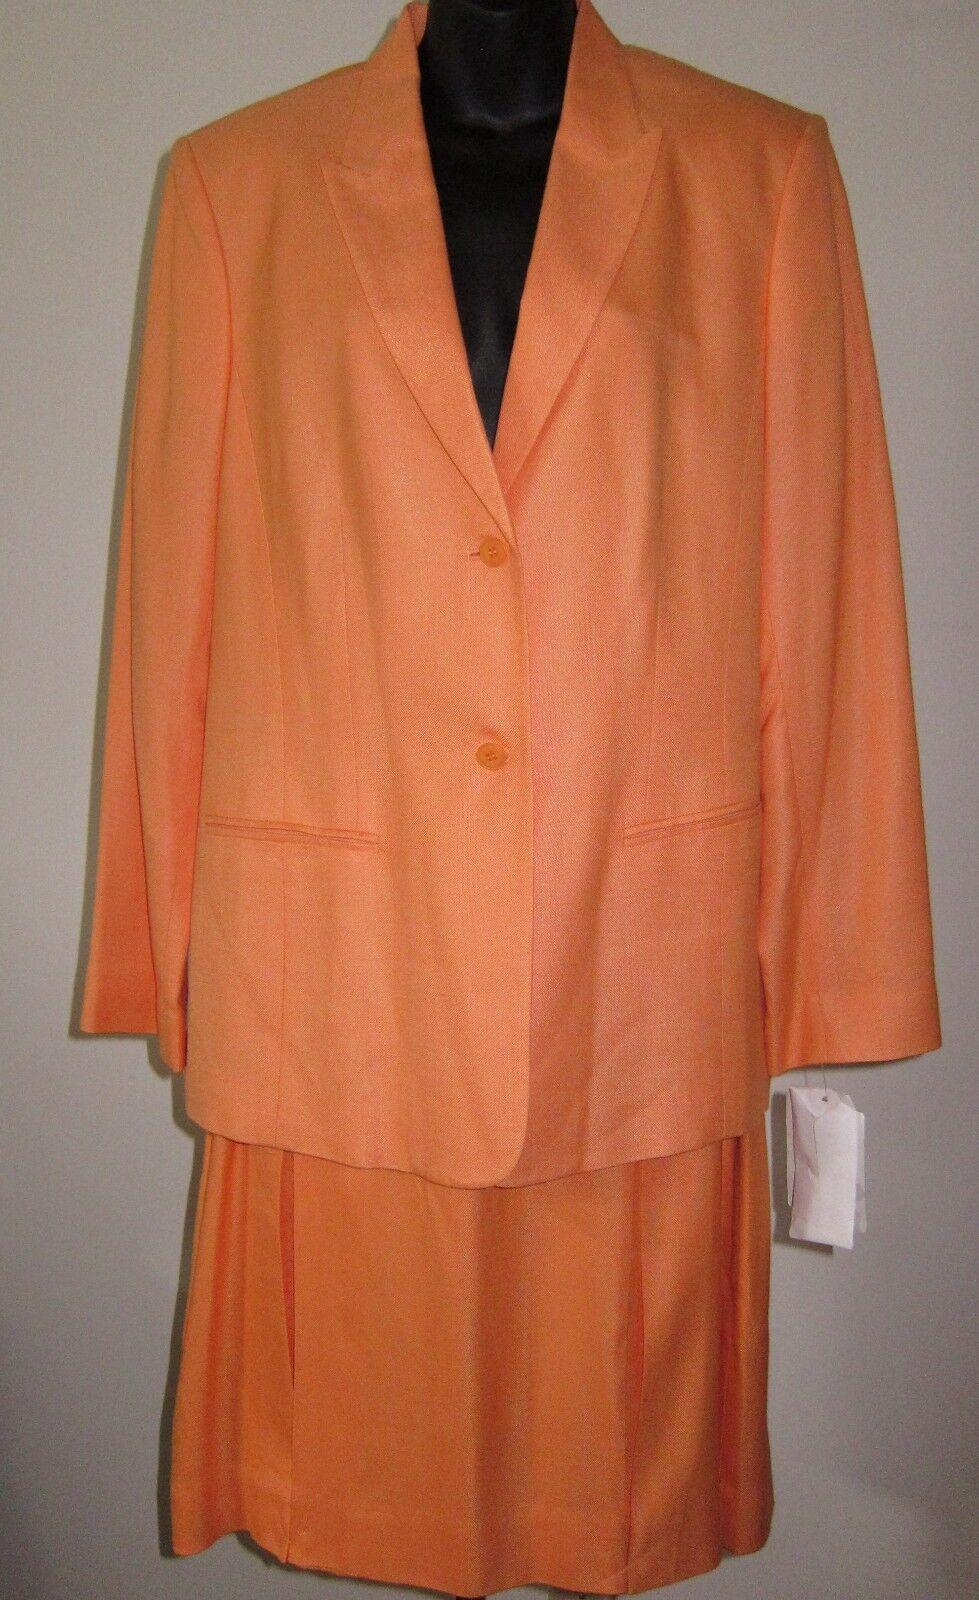 Sz 12 Blazer 16 kjol Ny Liz Claiborne 2 Bit 2 knapp Gör orange Sherbet